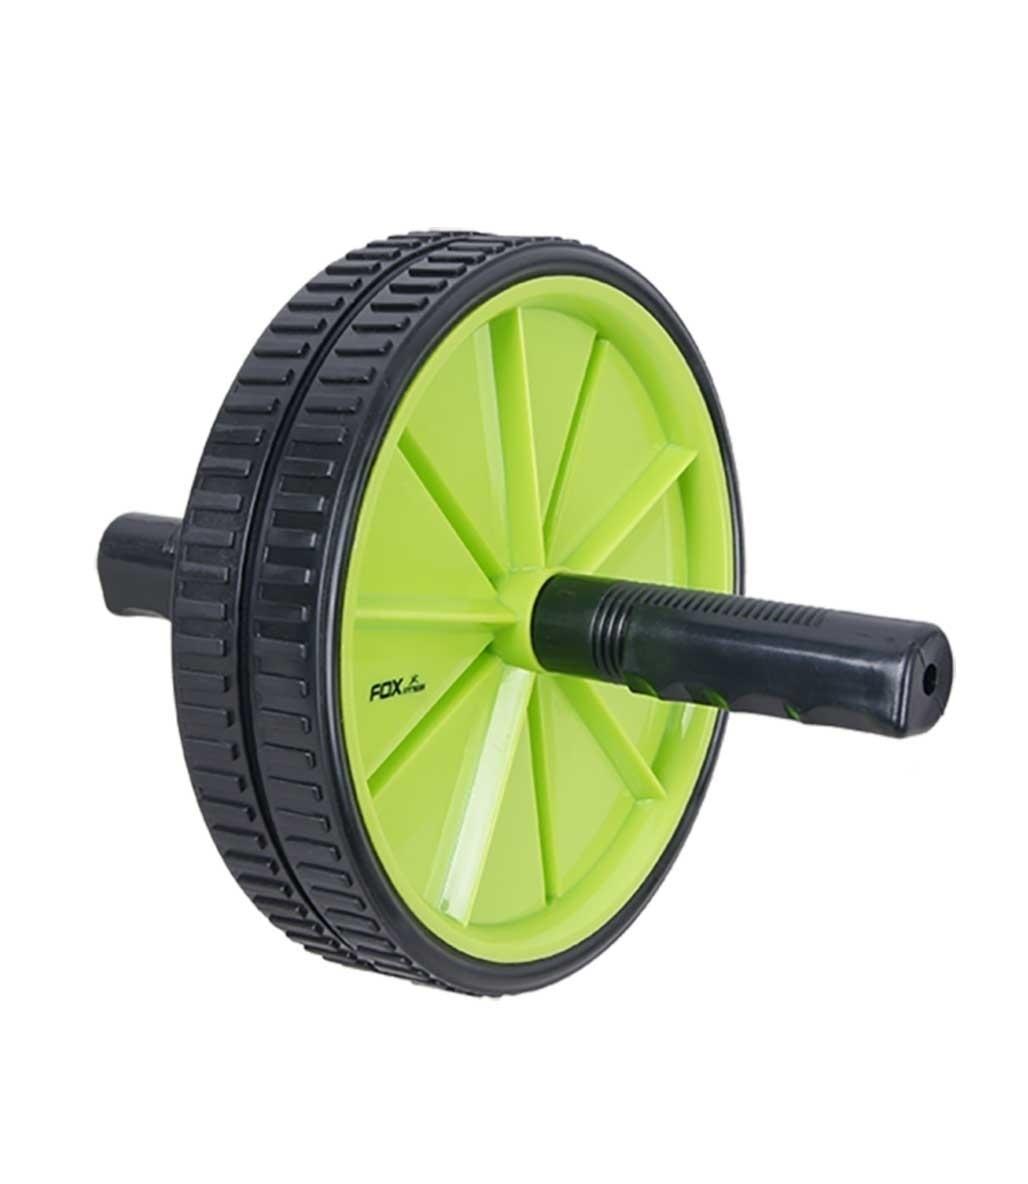 Fox Fitness Ab Wheel Egzersiz Tekerleği